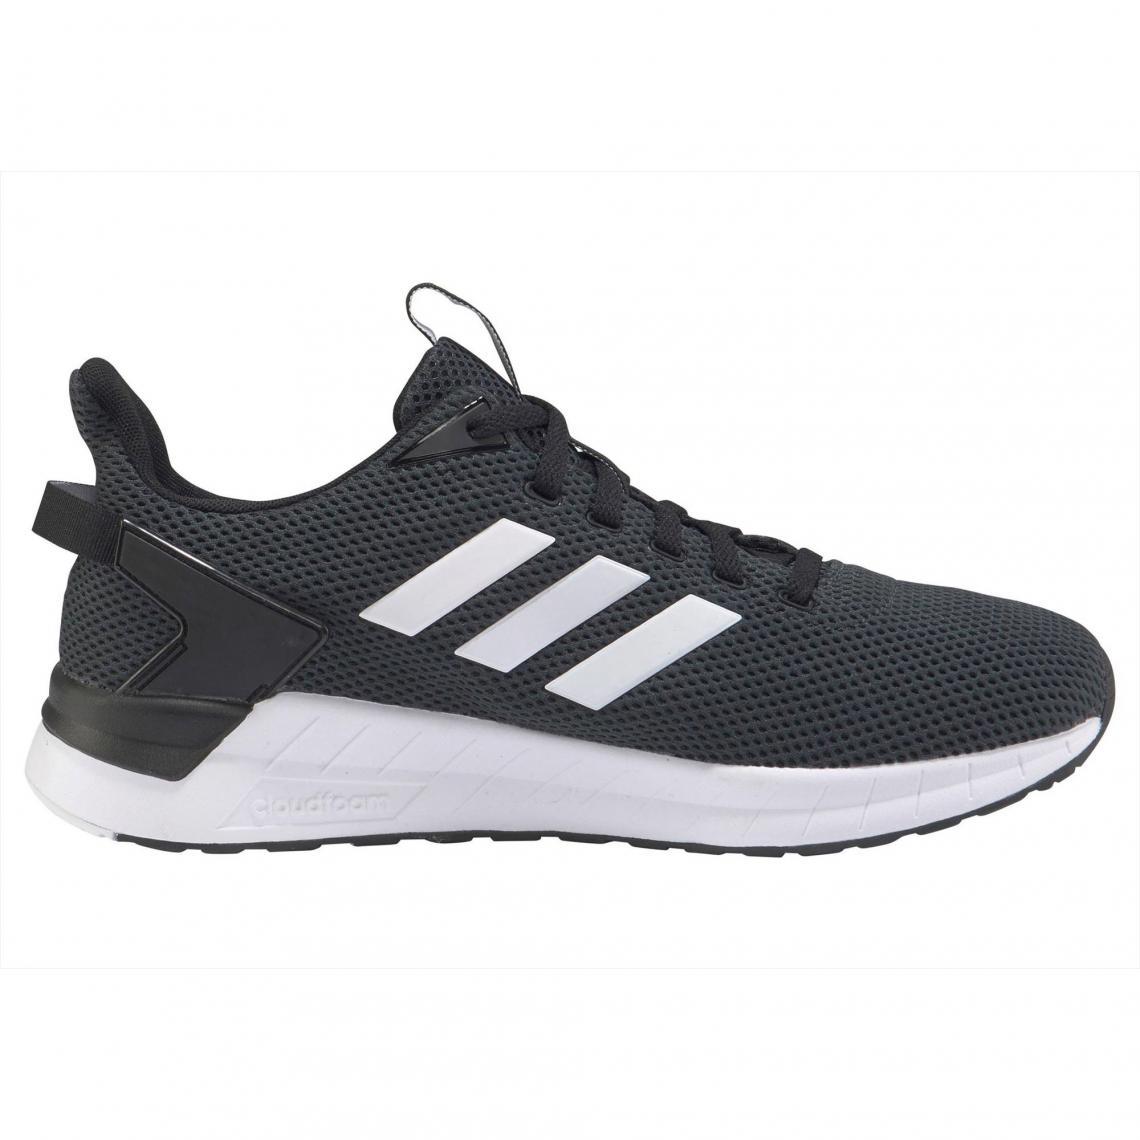 Homme Chaussures Running Ride Bleu3 De Adidas Questar Gris v8nwymN0O